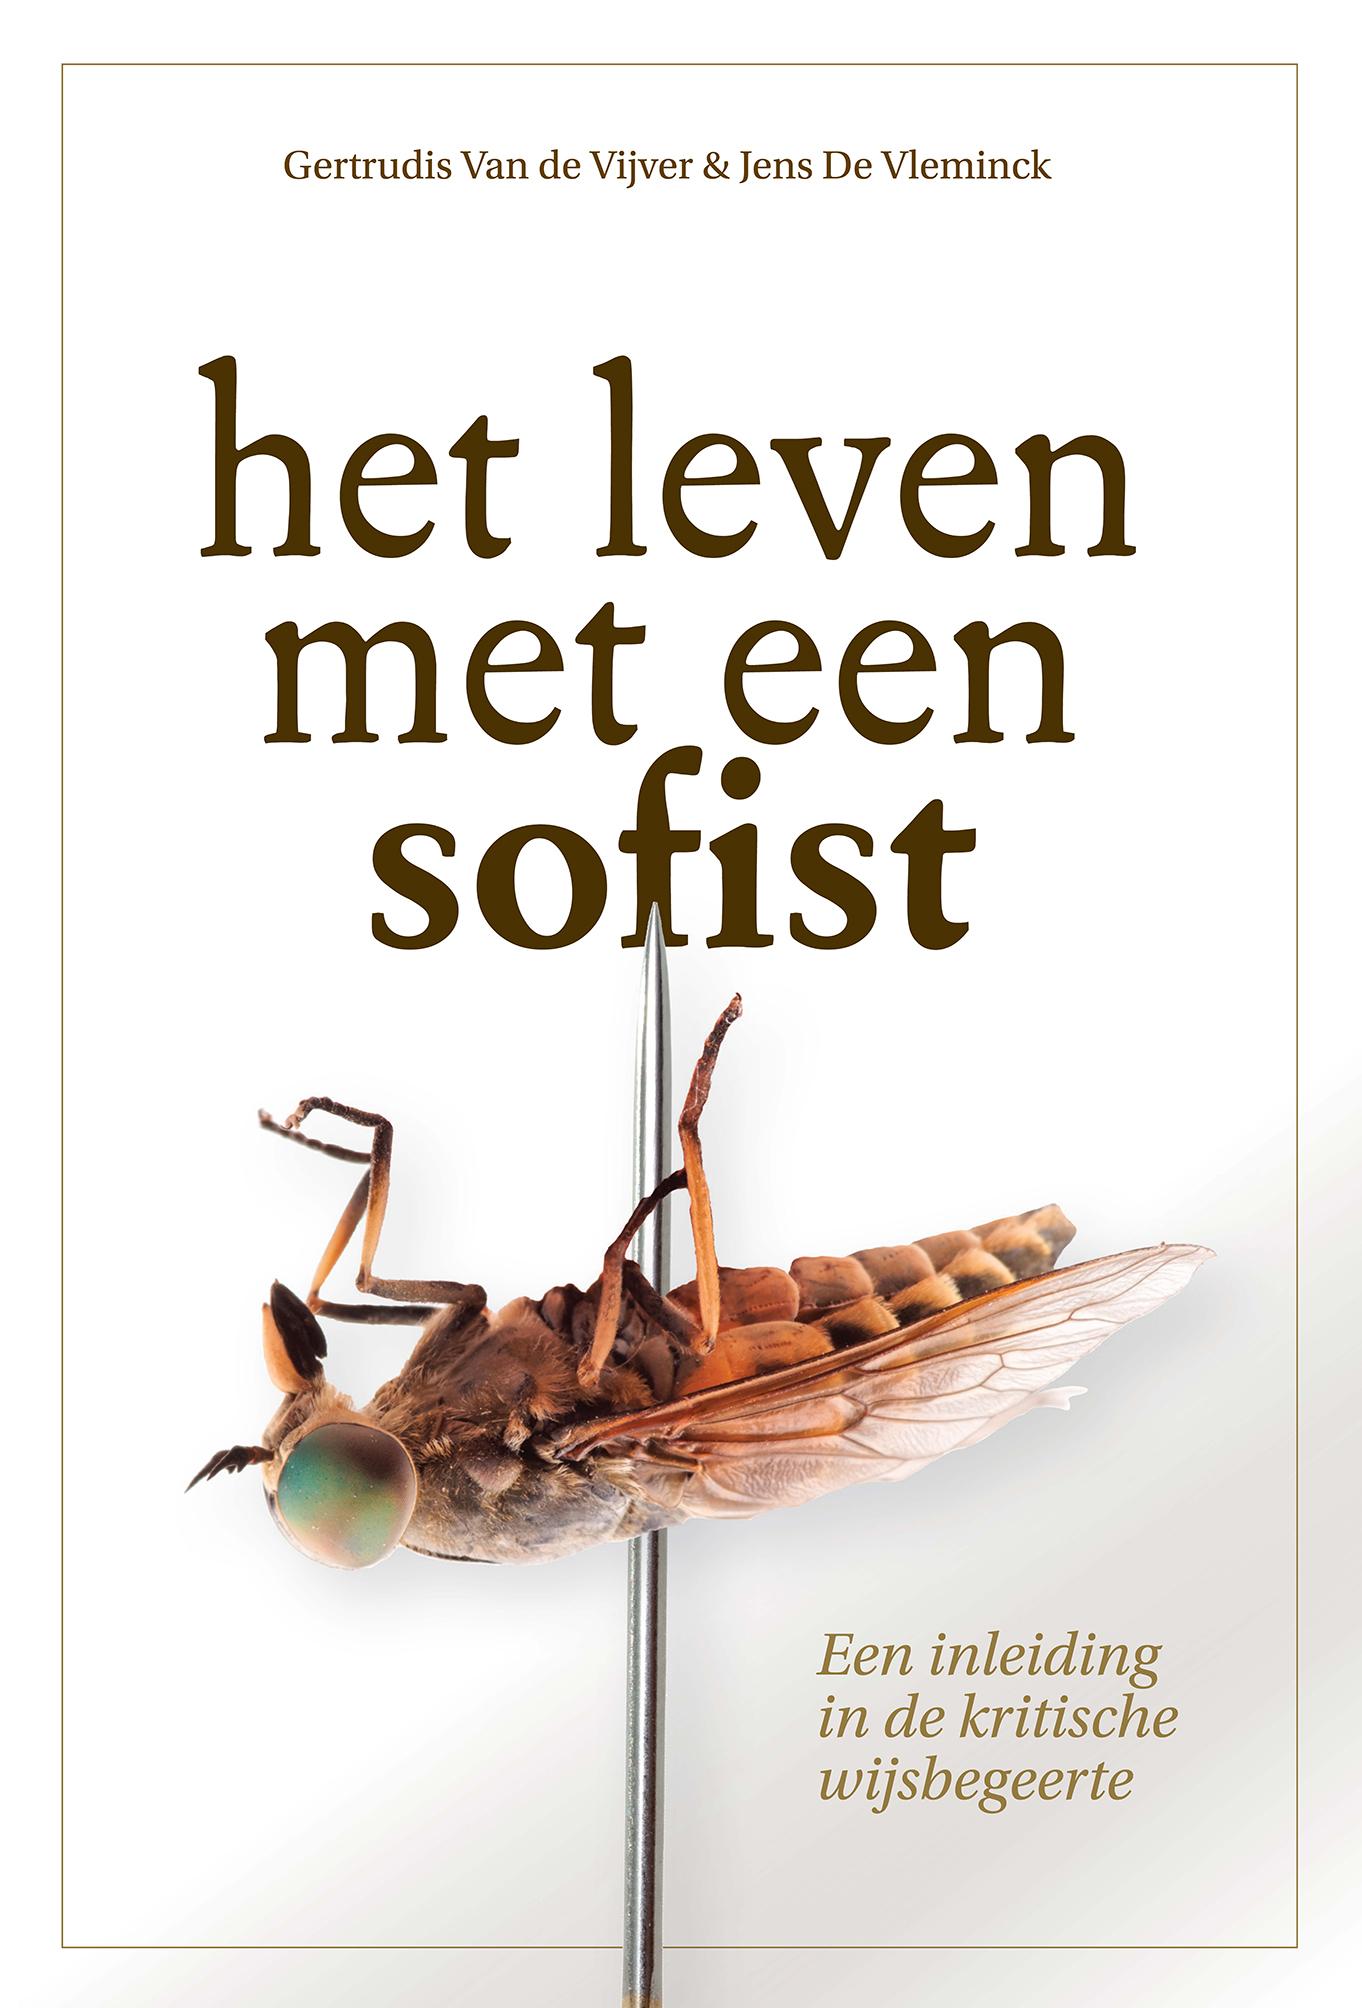 Het leven met een sofist: een inleiding in de kritische wijsbegeerte Gertrudis Van de Vijver, Jens De Vleminck